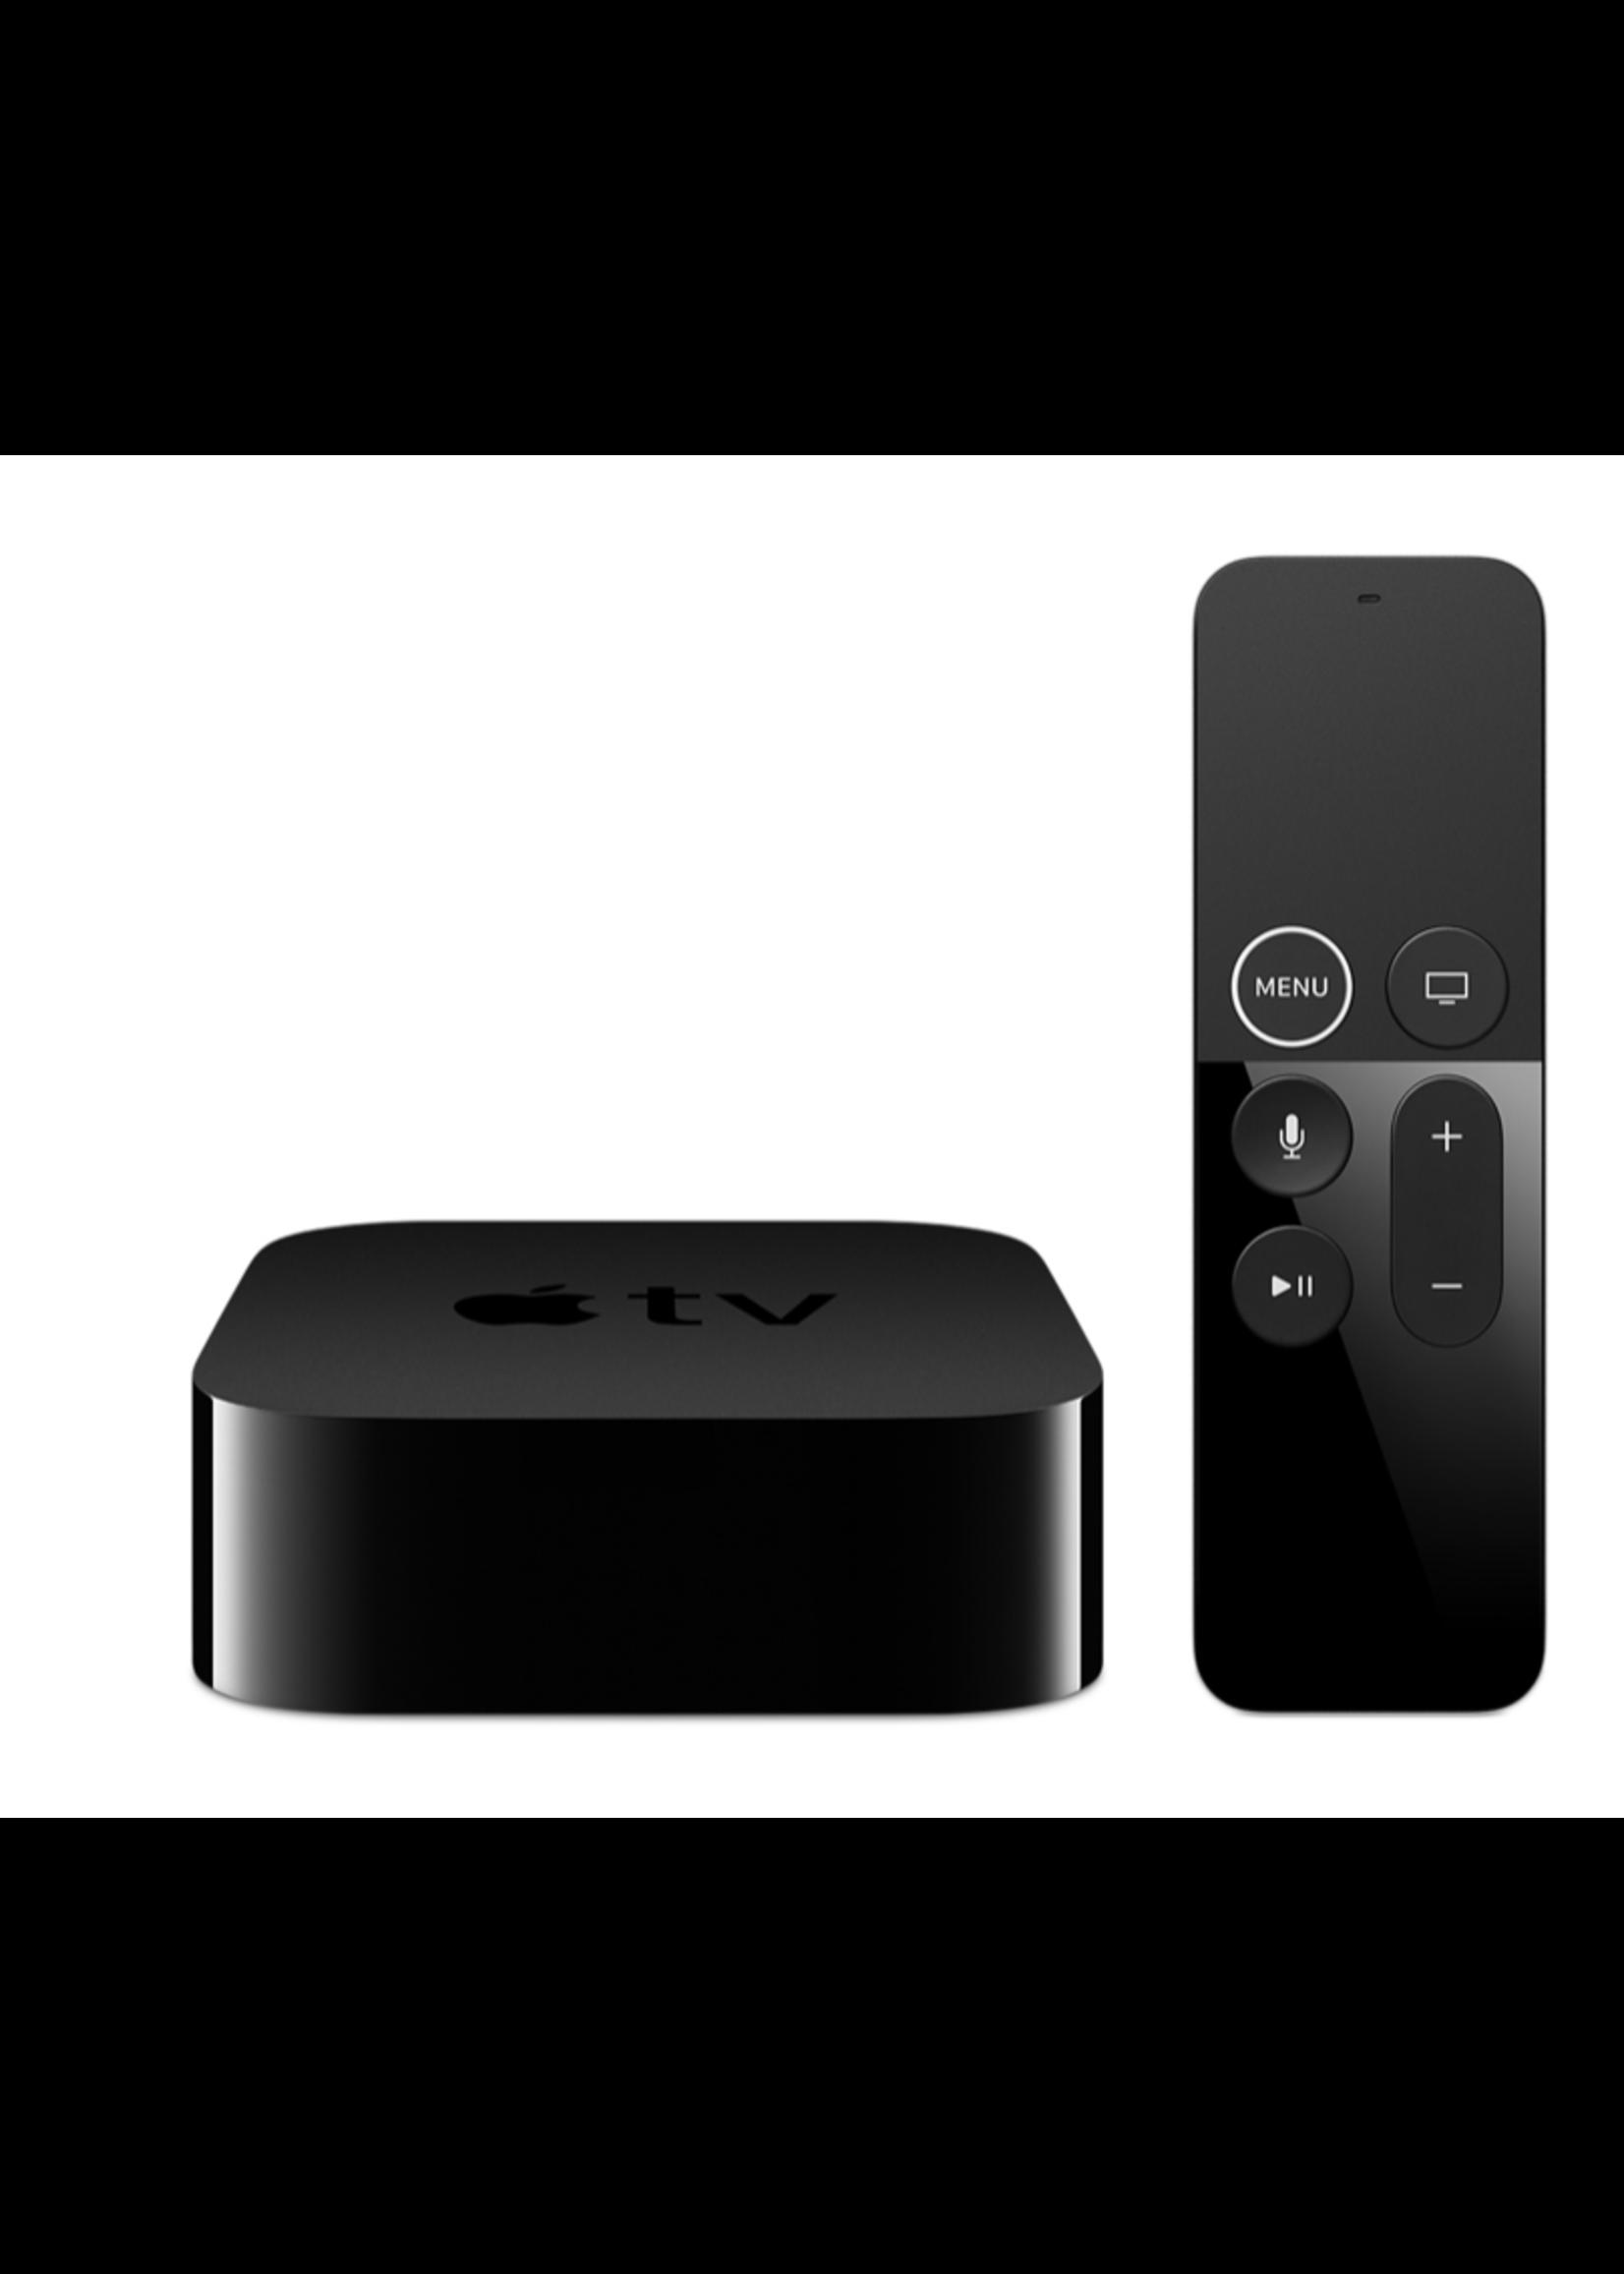 Apple Apple TV 4K (64GB)